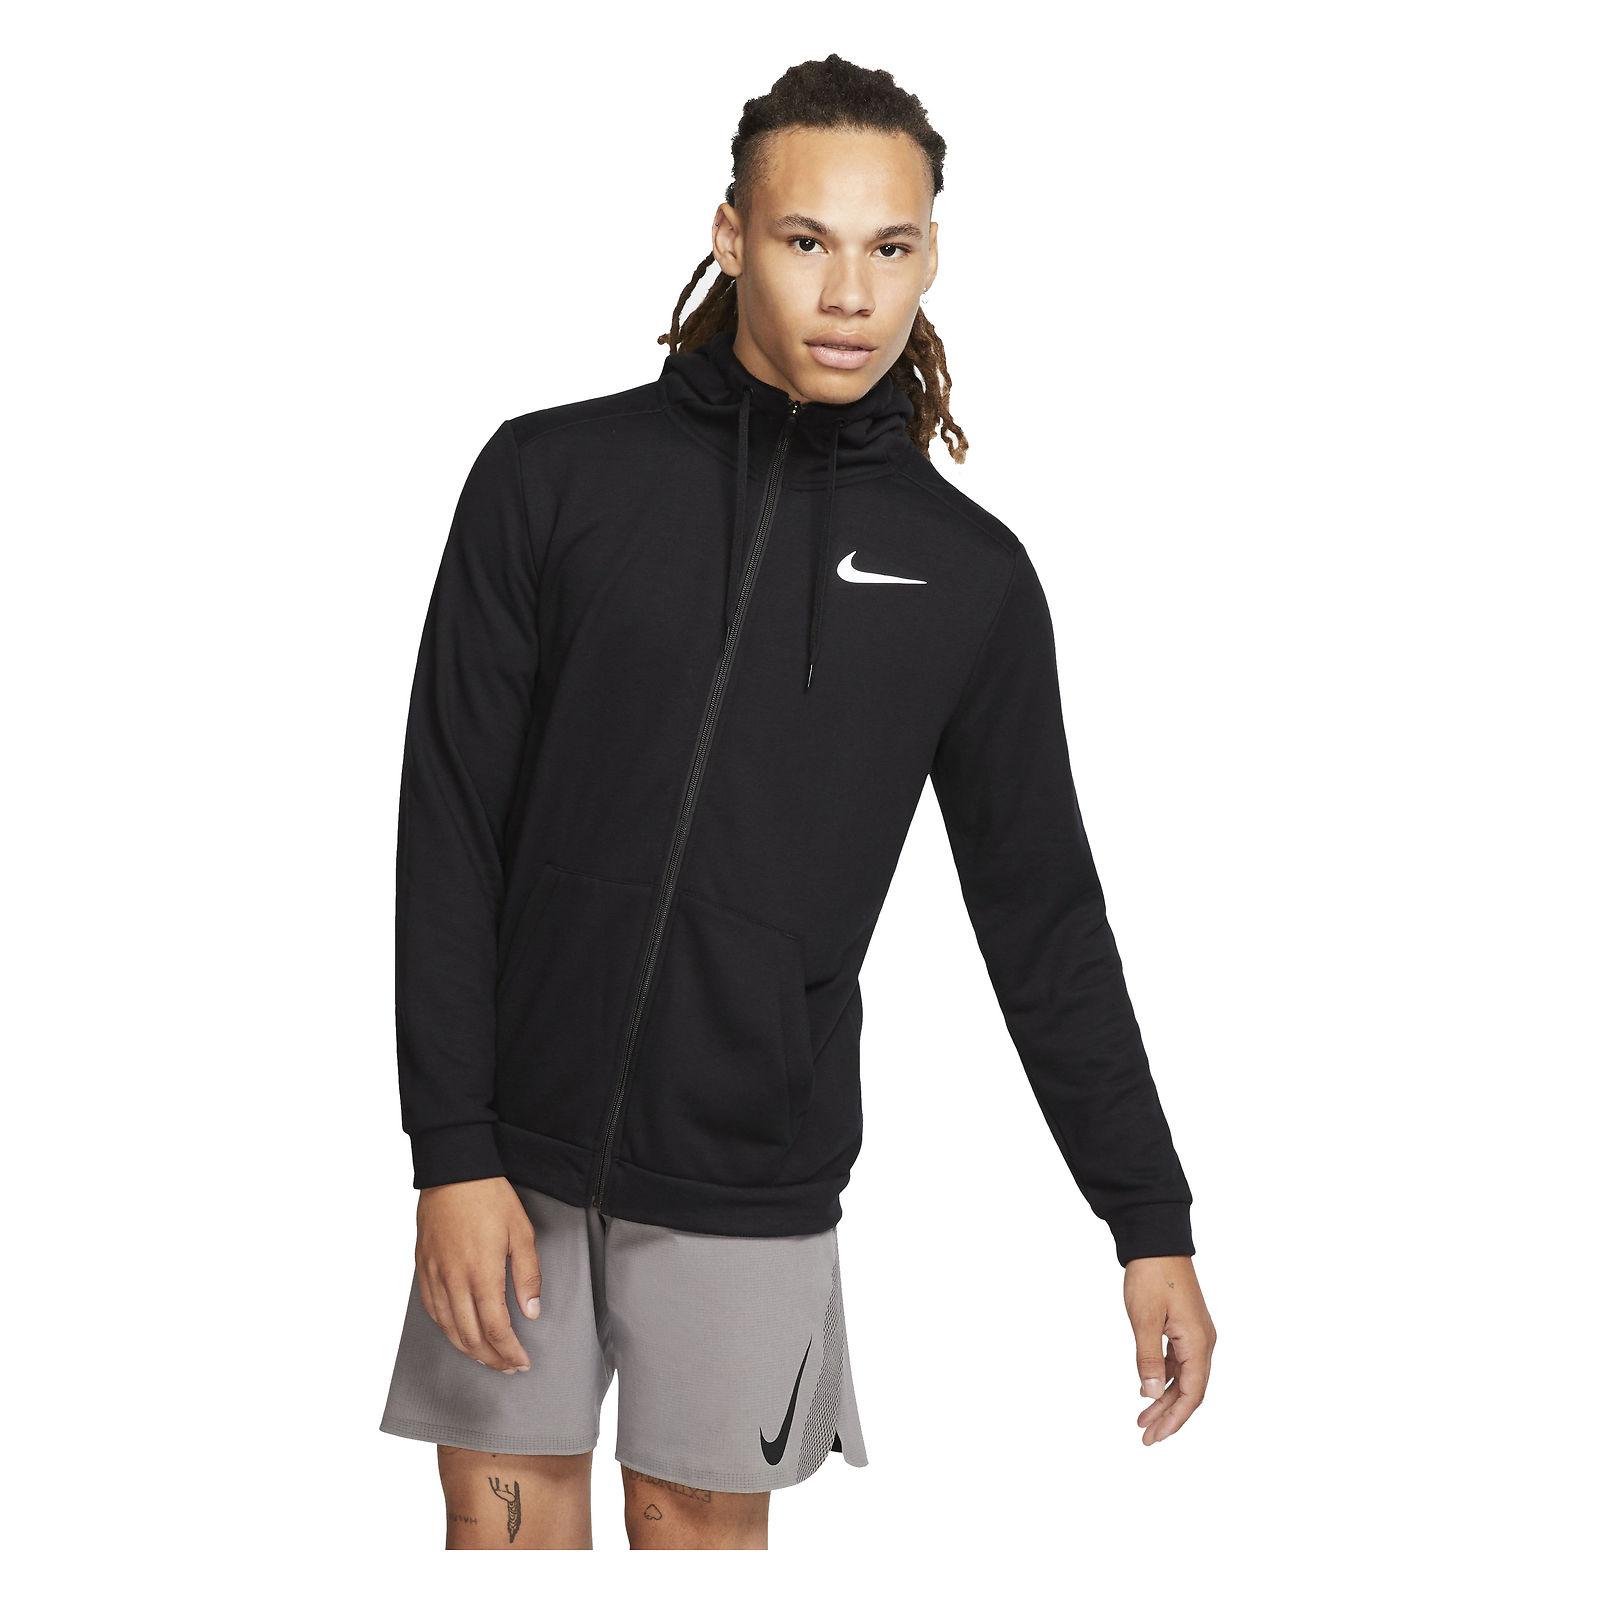 Bluza męska treningowa Nike Dri-FIT CJ4317